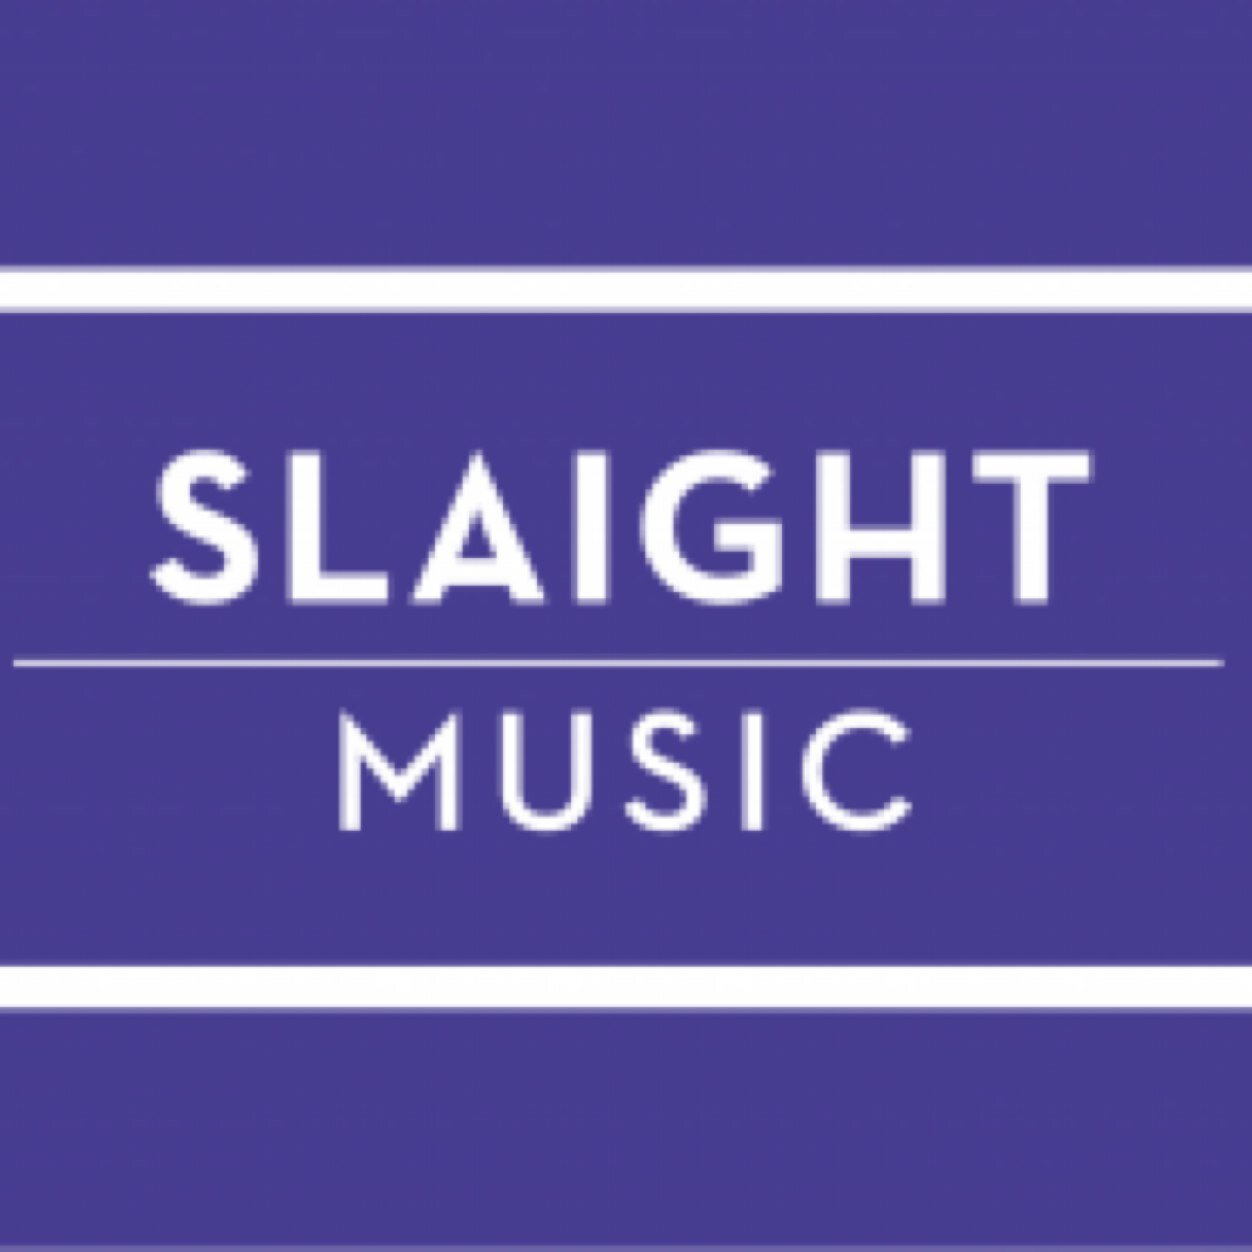 @SlaightMusic